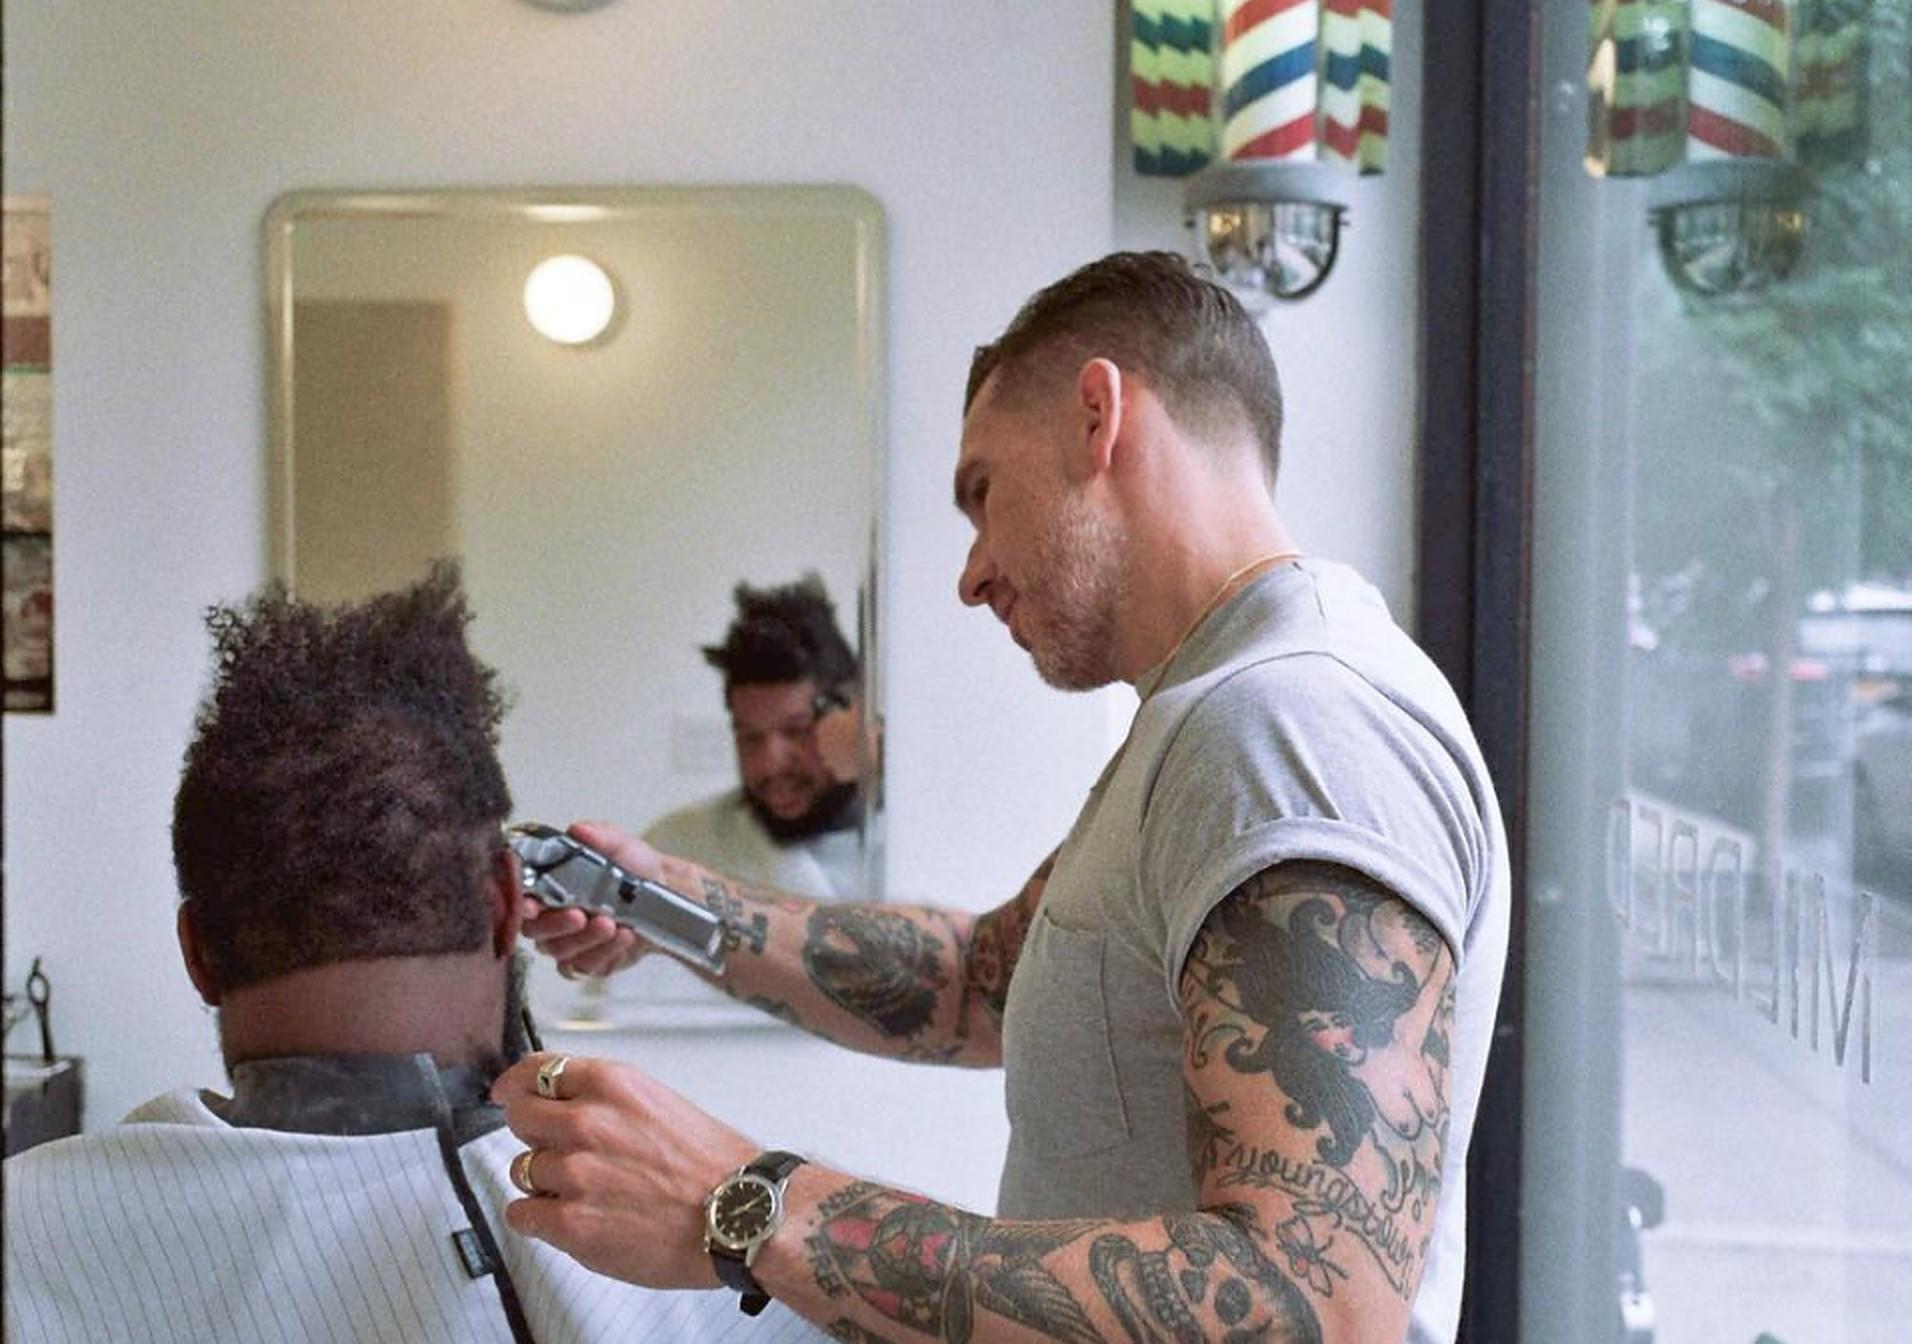 barber cutting a man's hair